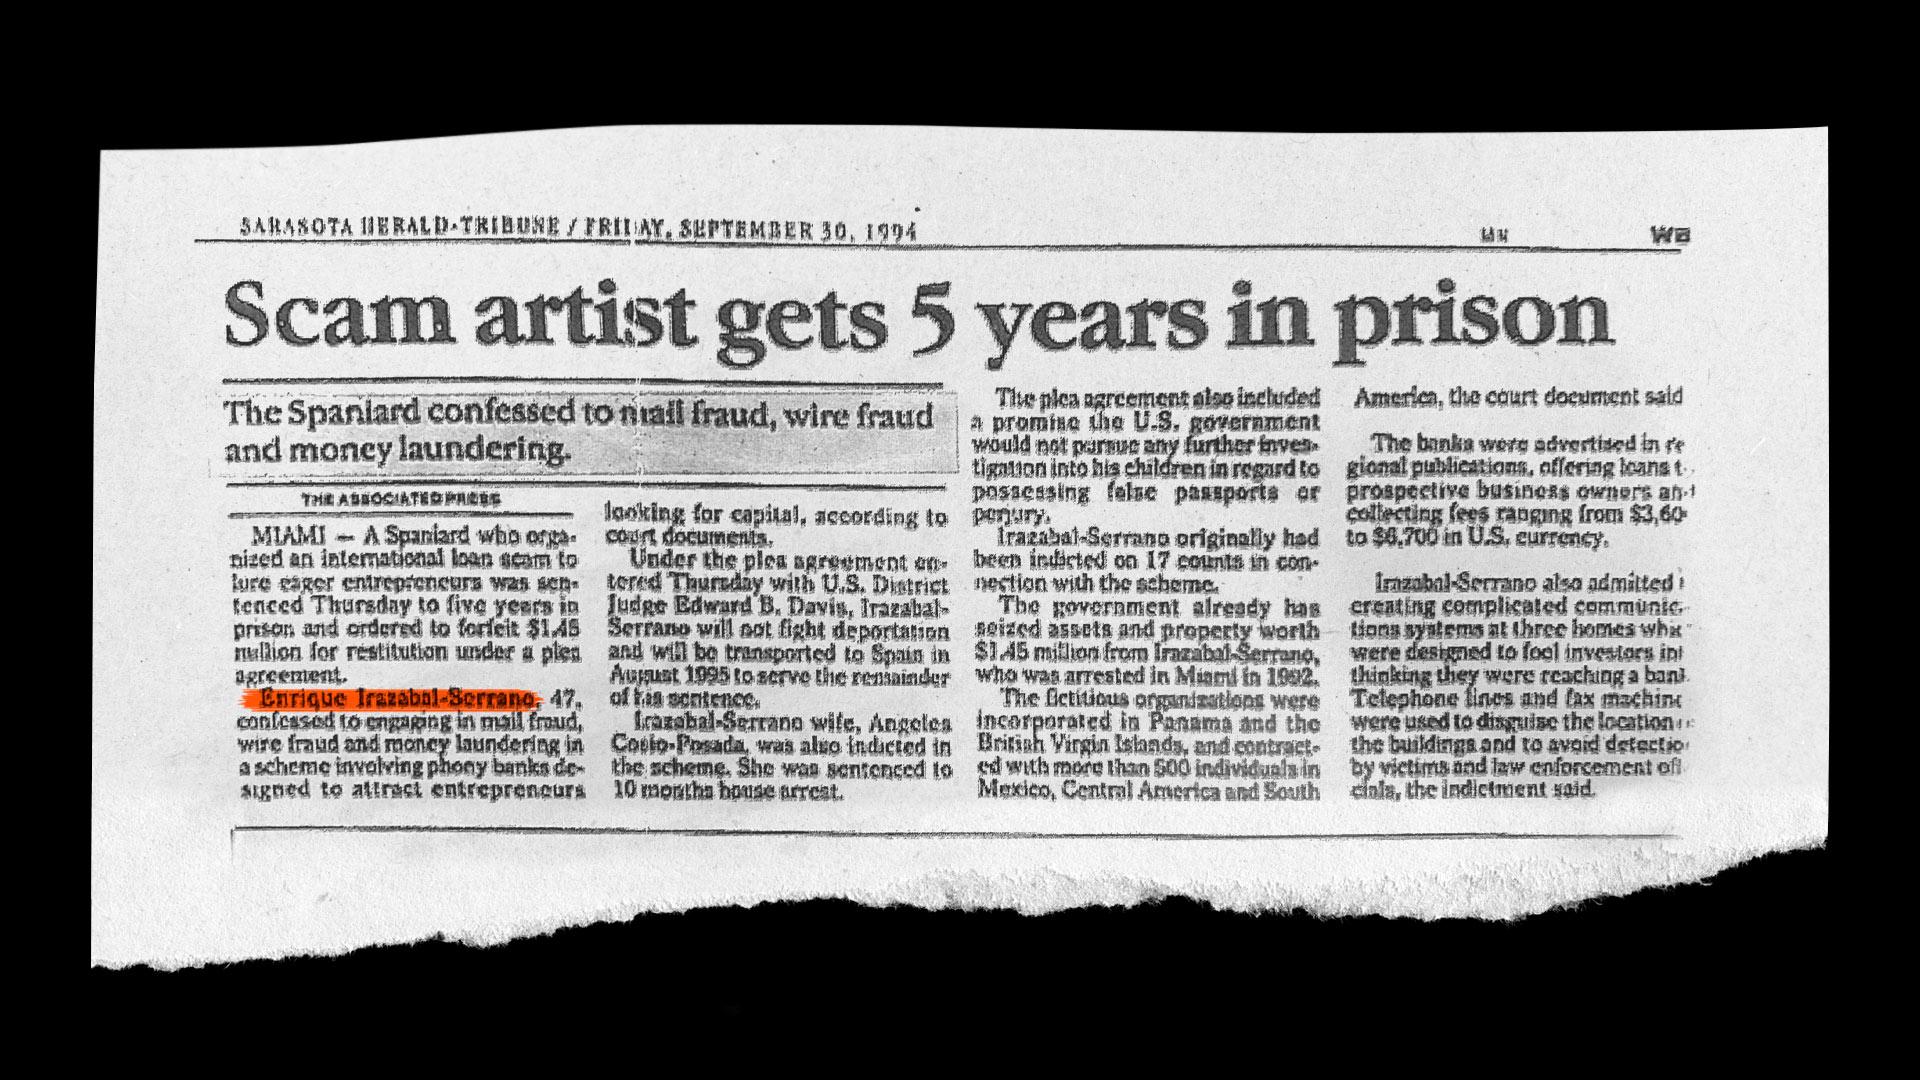 Artículo del Sarasota Herald Tribune